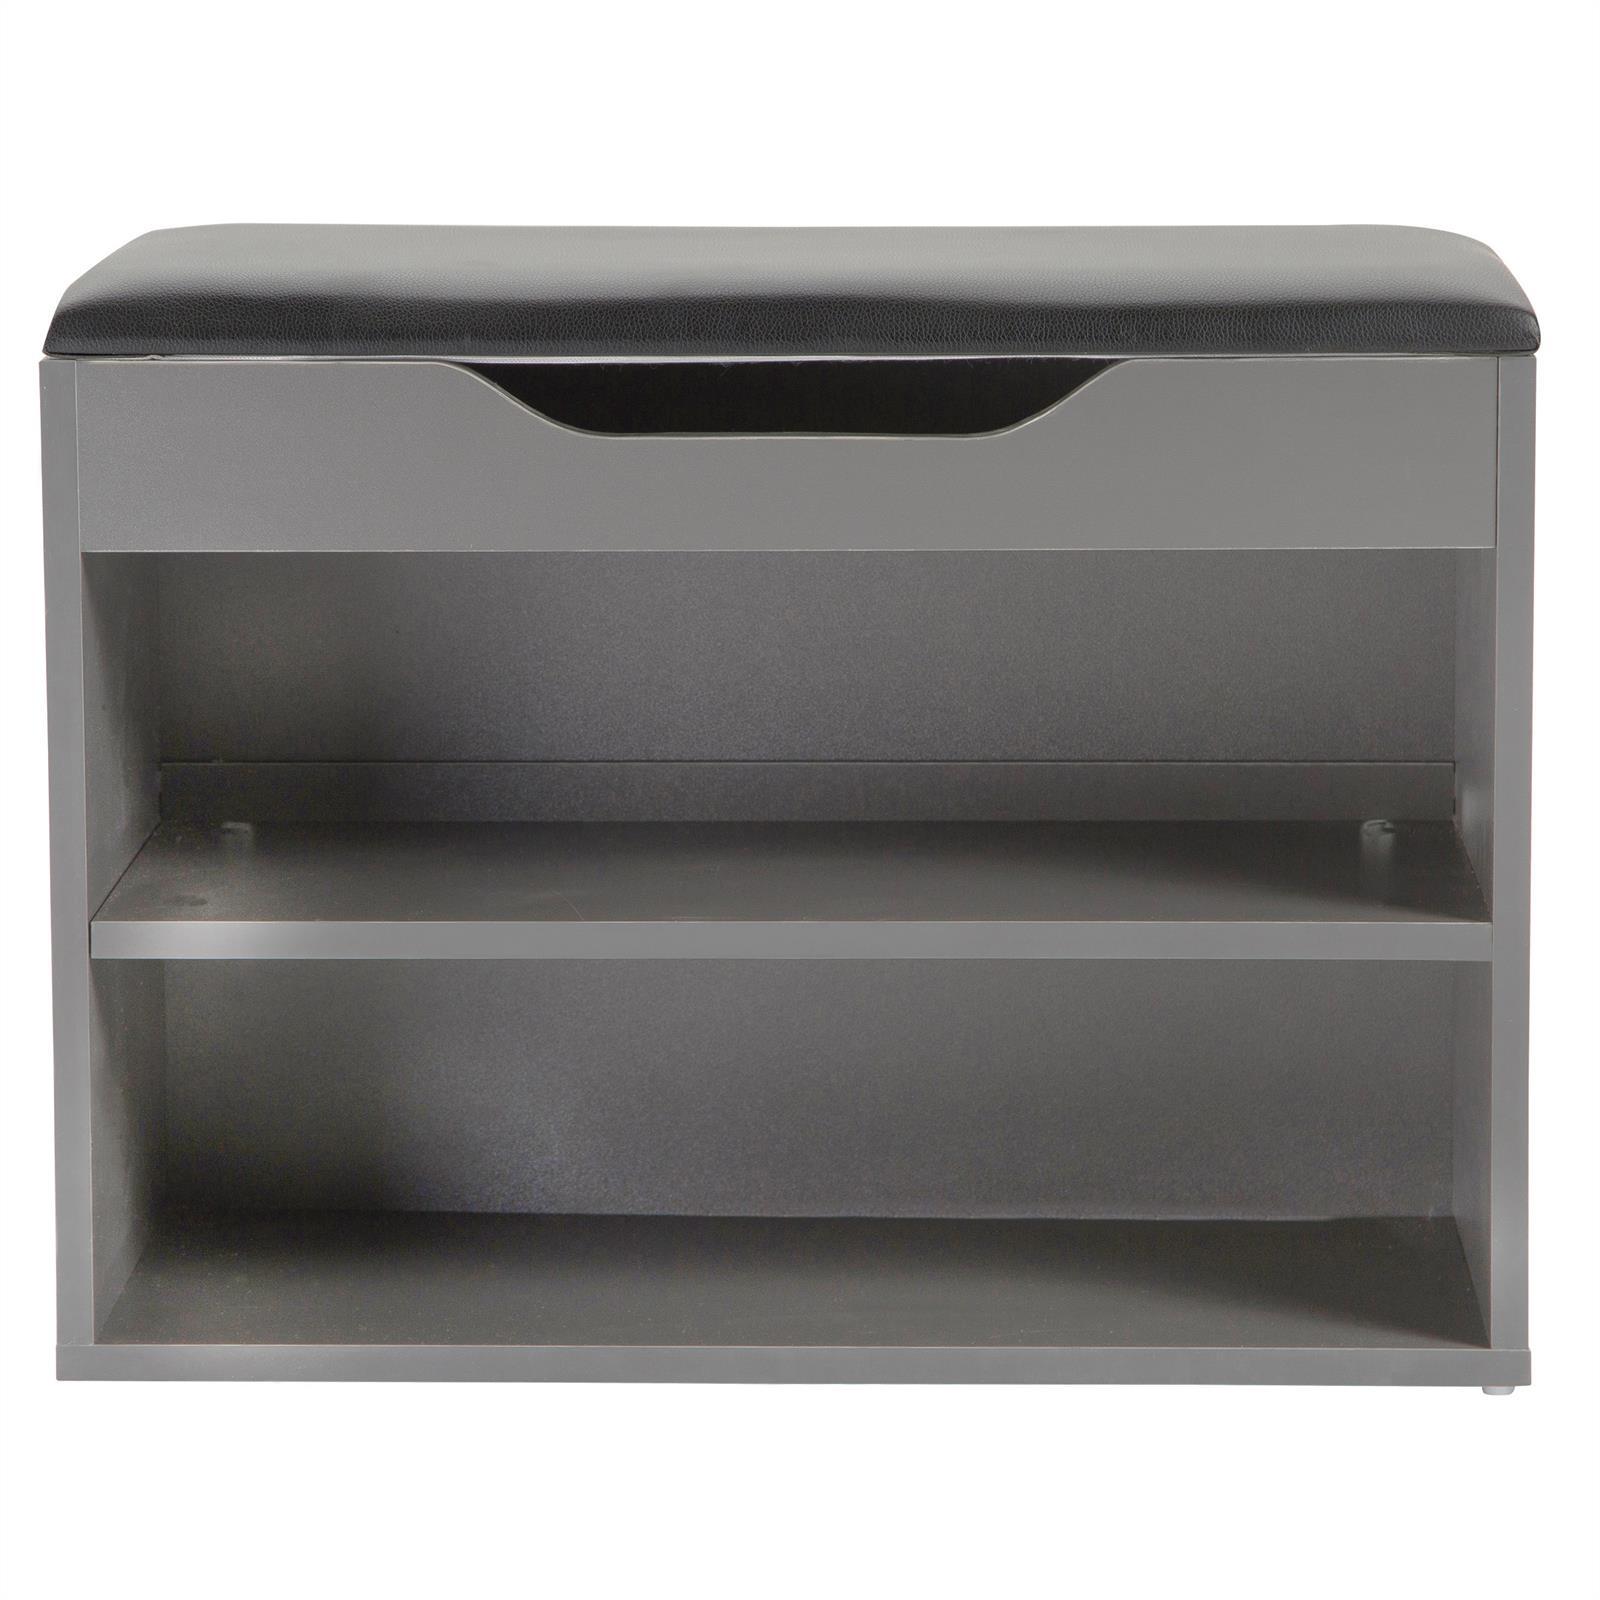 schuhbank 60 cm breit beautiful schuhbank sitzbank cm mit kissen schuhe schuhregal schrank. Black Bedroom Furniture Sets. Home Design Ideas